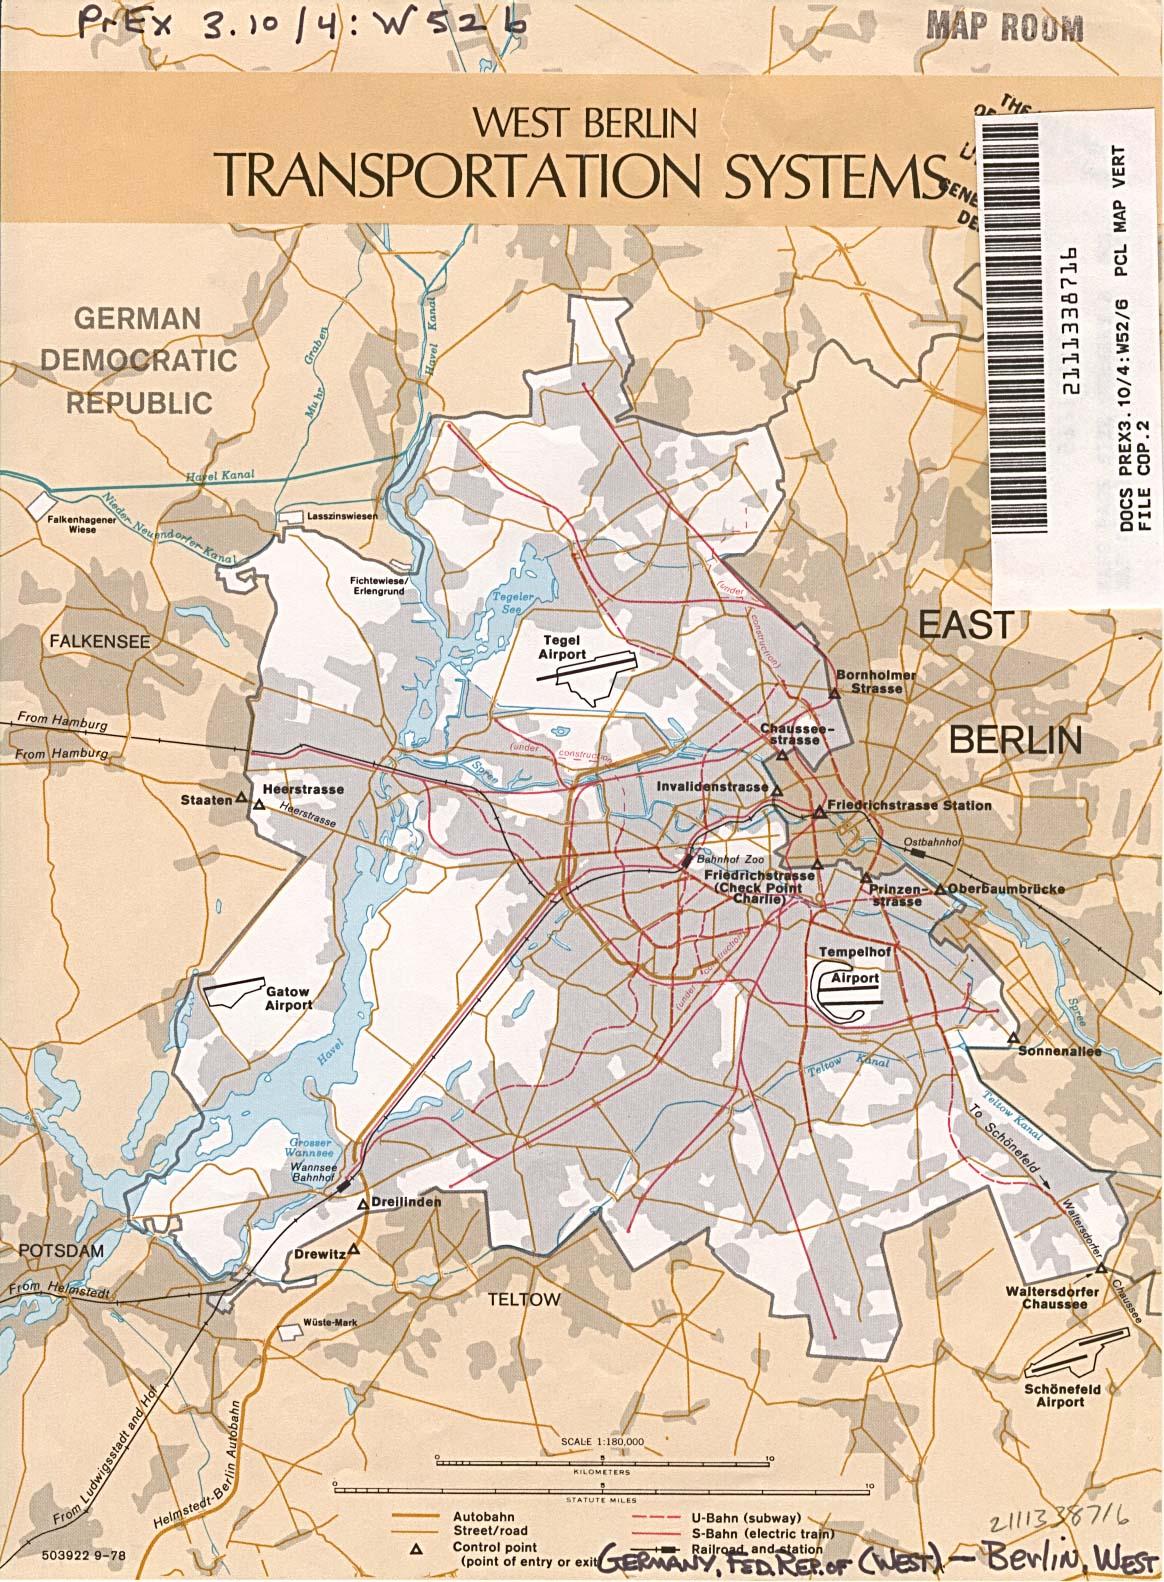 Mapa de los Sistemas de Transporte de Berlín (Oeste), Ex Alemania Occidental 1978